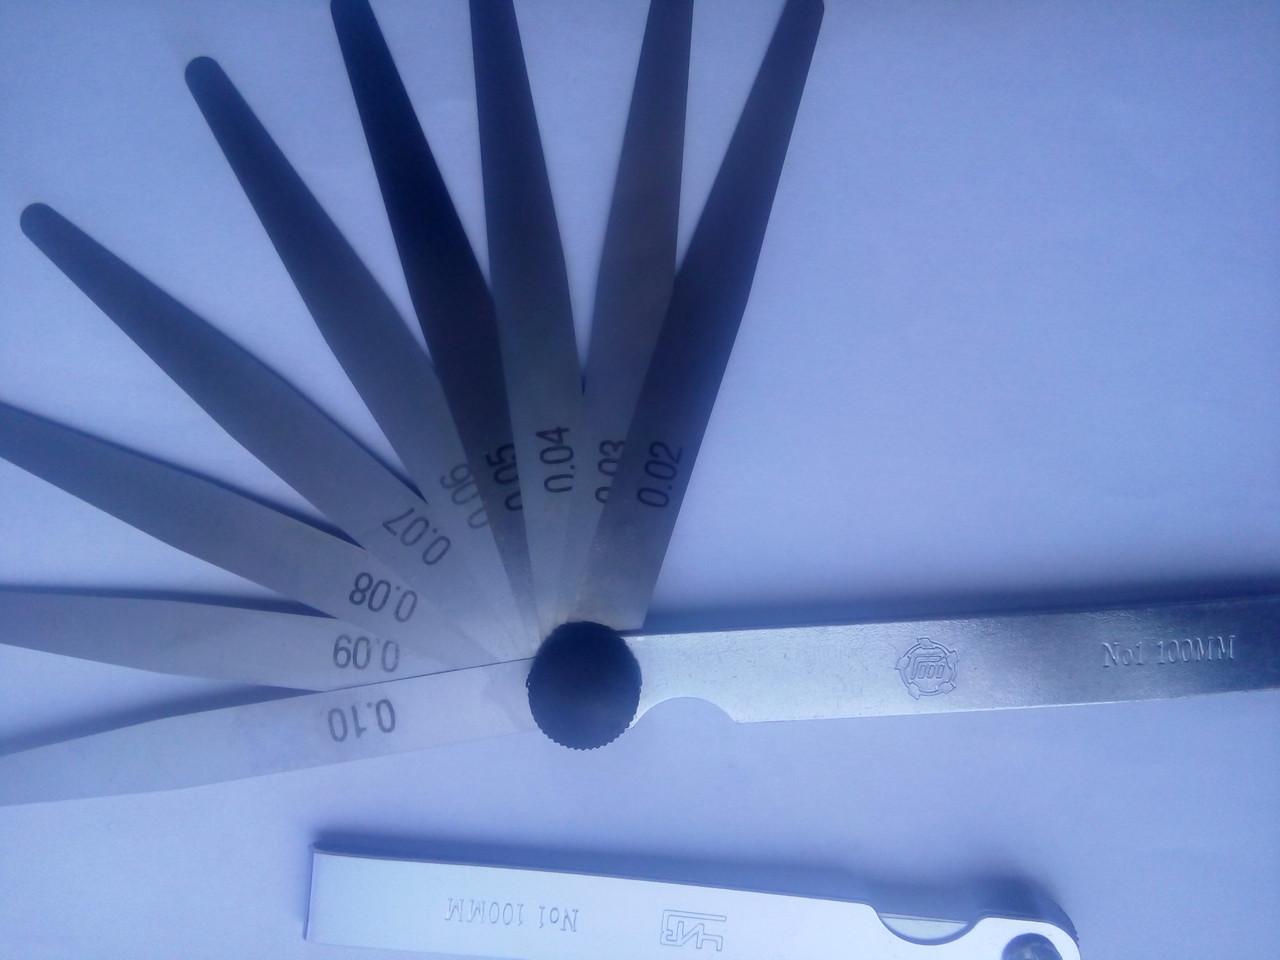 Наборы щупов №1 L100мм  ГОСТ882-75,возможна калибровка в УкрЦСМ.